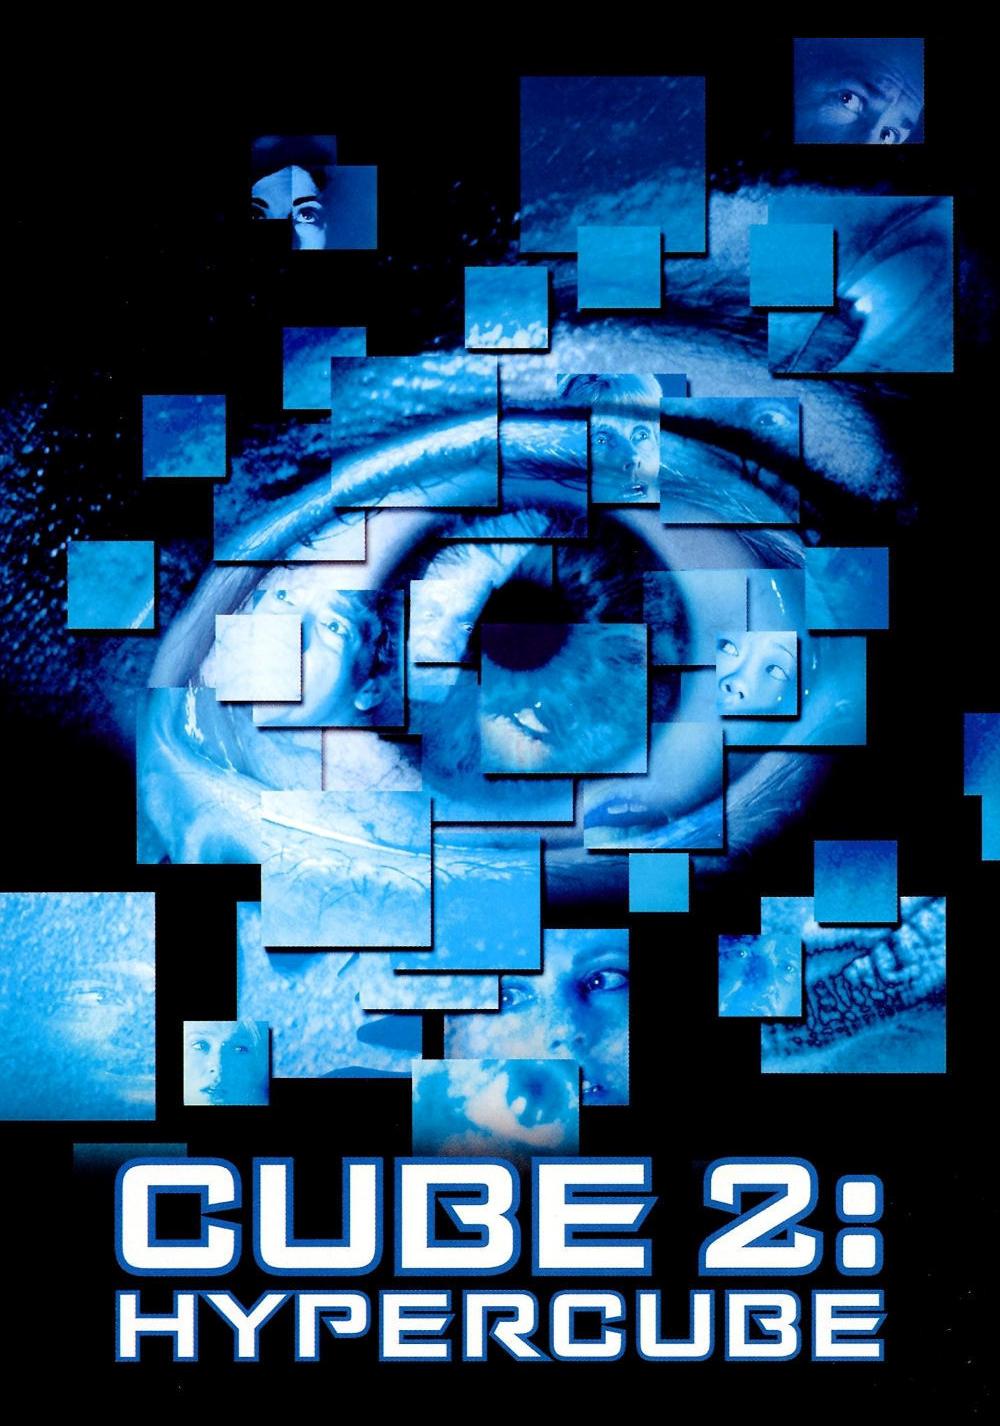 Cubed Film